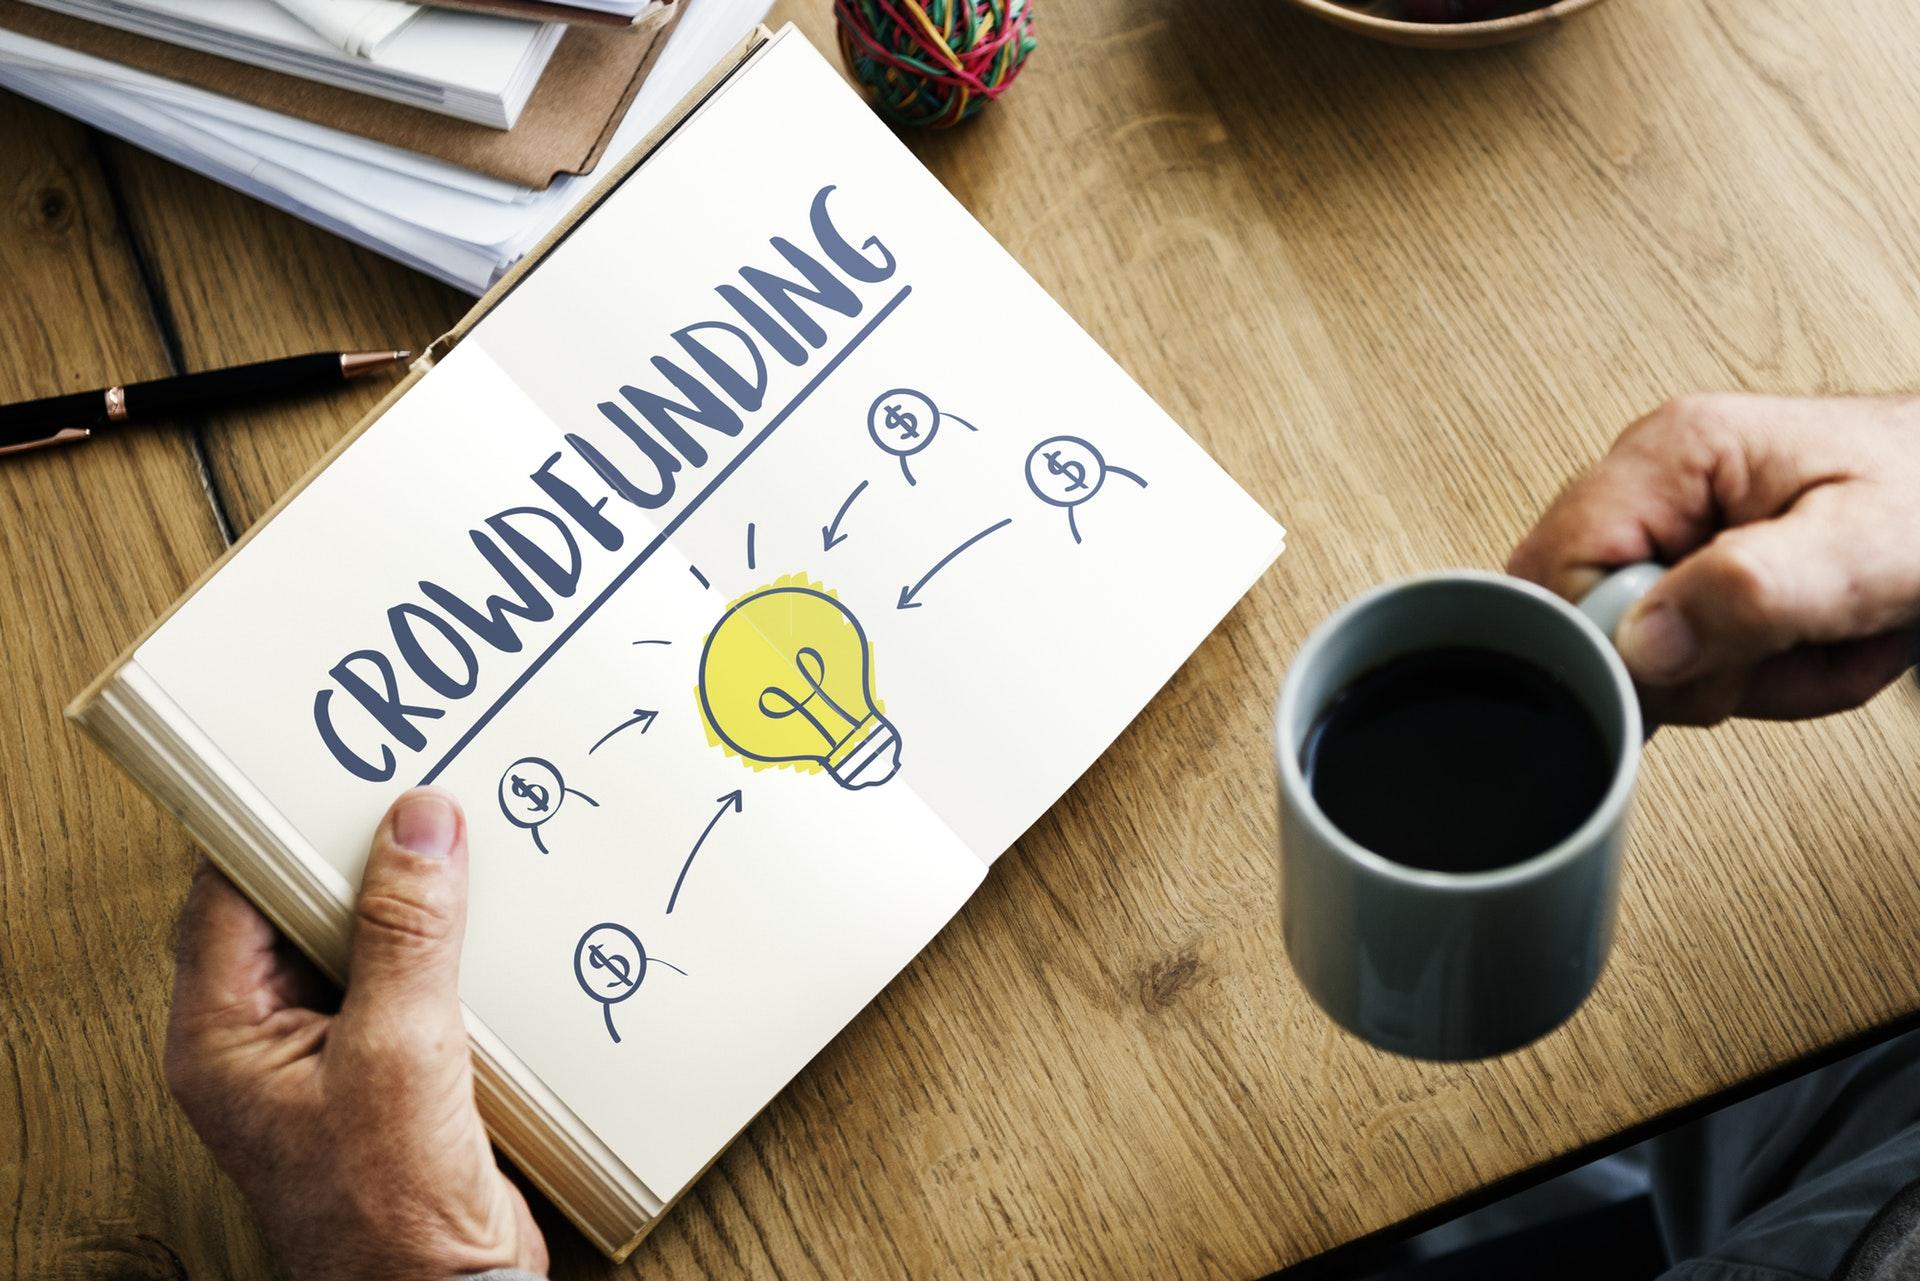 Engenharia, empreendedorismo e financiamento coletivo: o caso MOLA | Entrevista 360